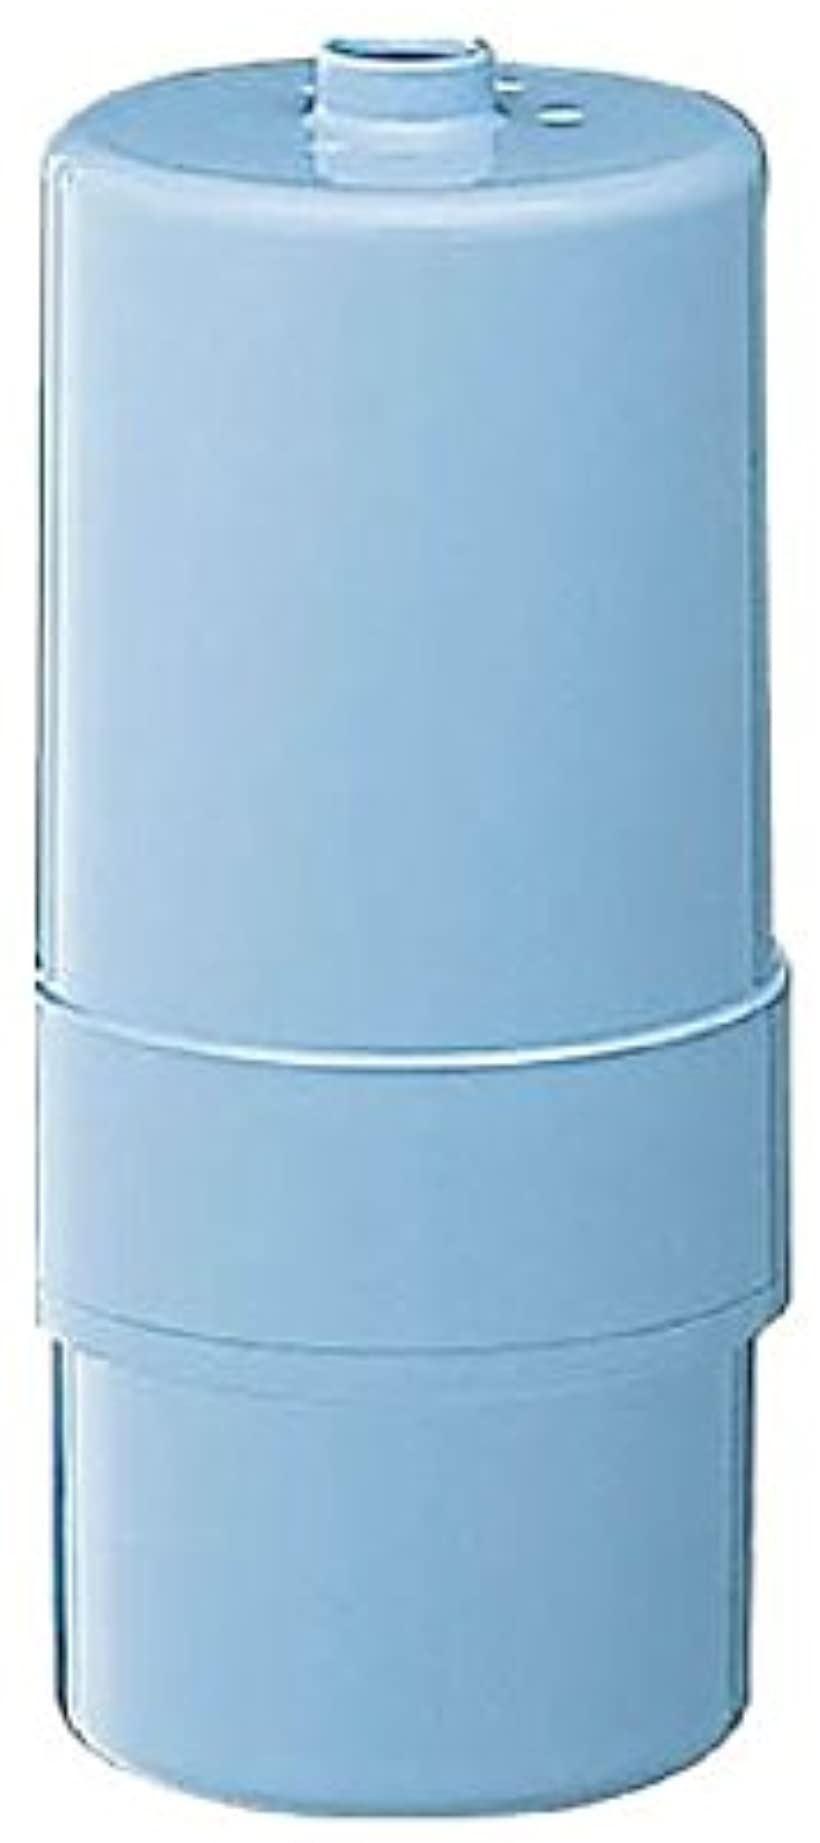 整水器カートリッジ アルカリイオン整水器用 1個[TK7405C1]